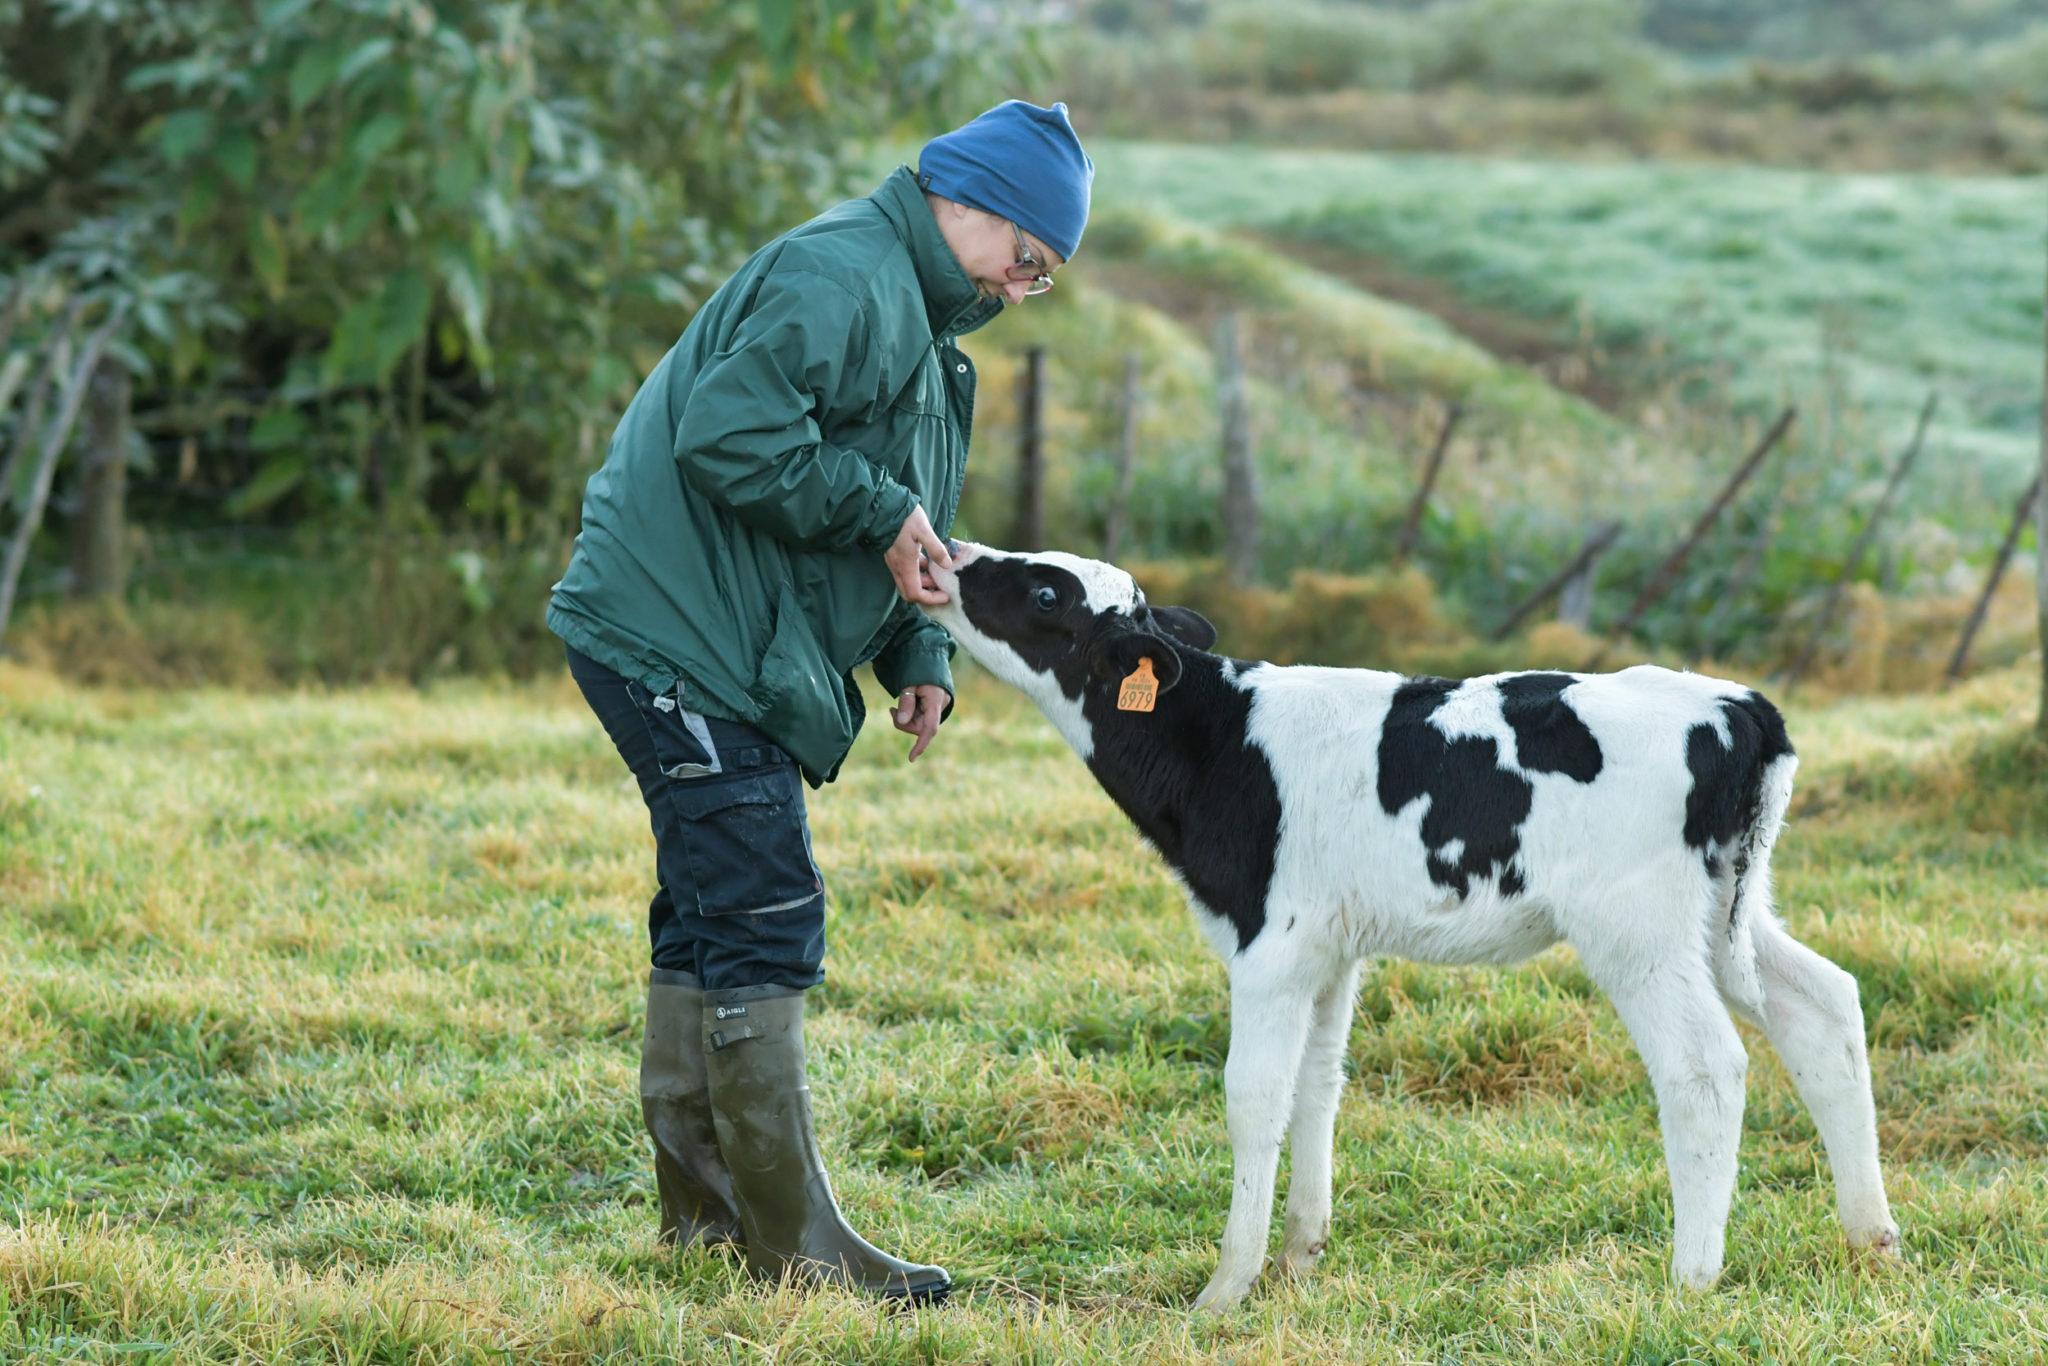 Fermier à côté d'une vache laitière